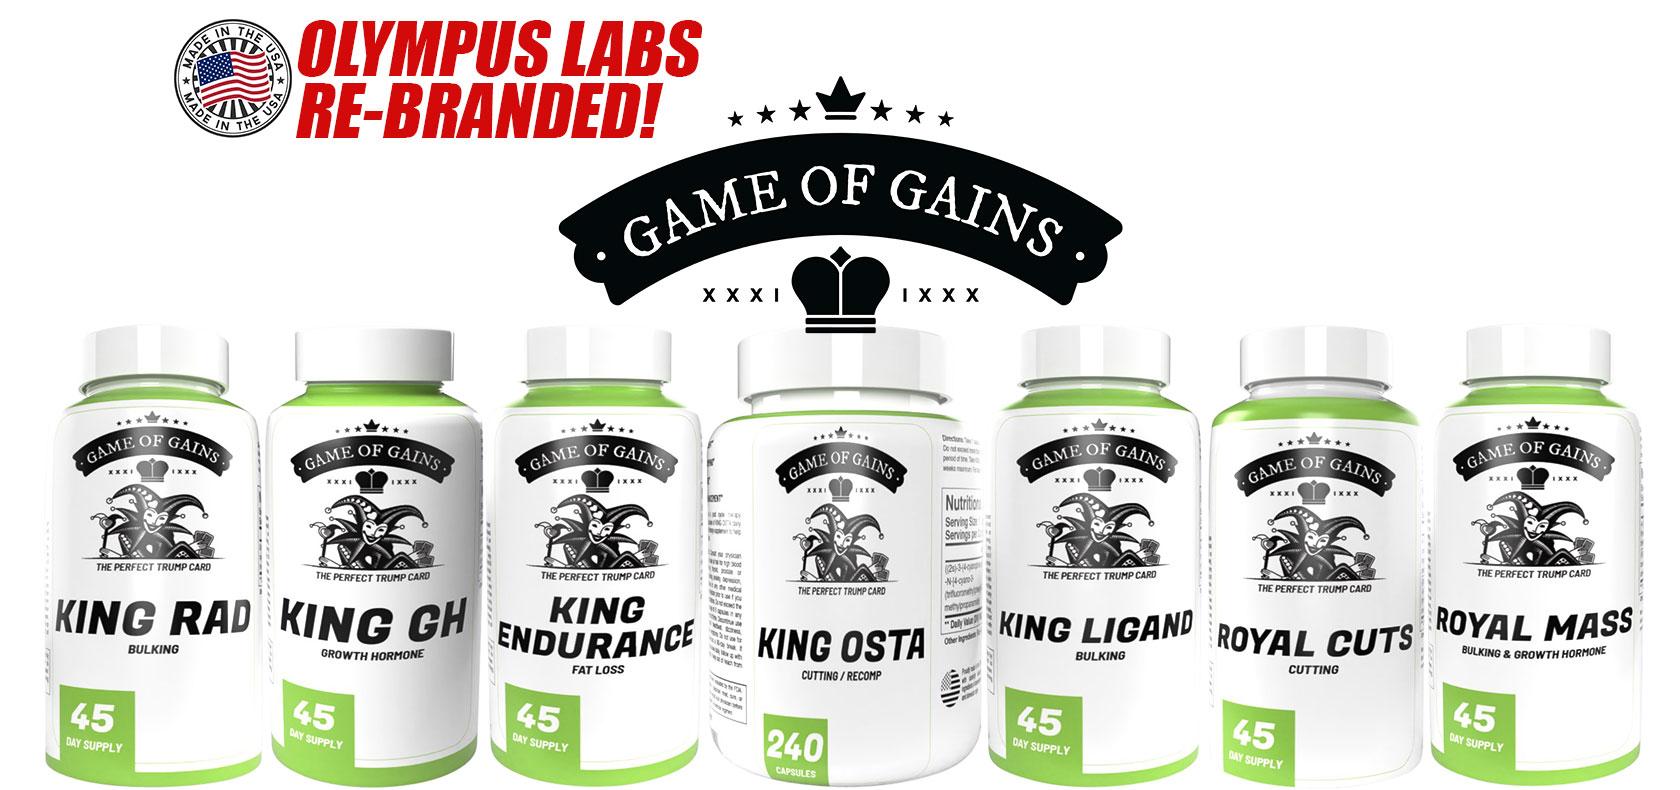 homepage main slider game of gains olympus labs rebranded